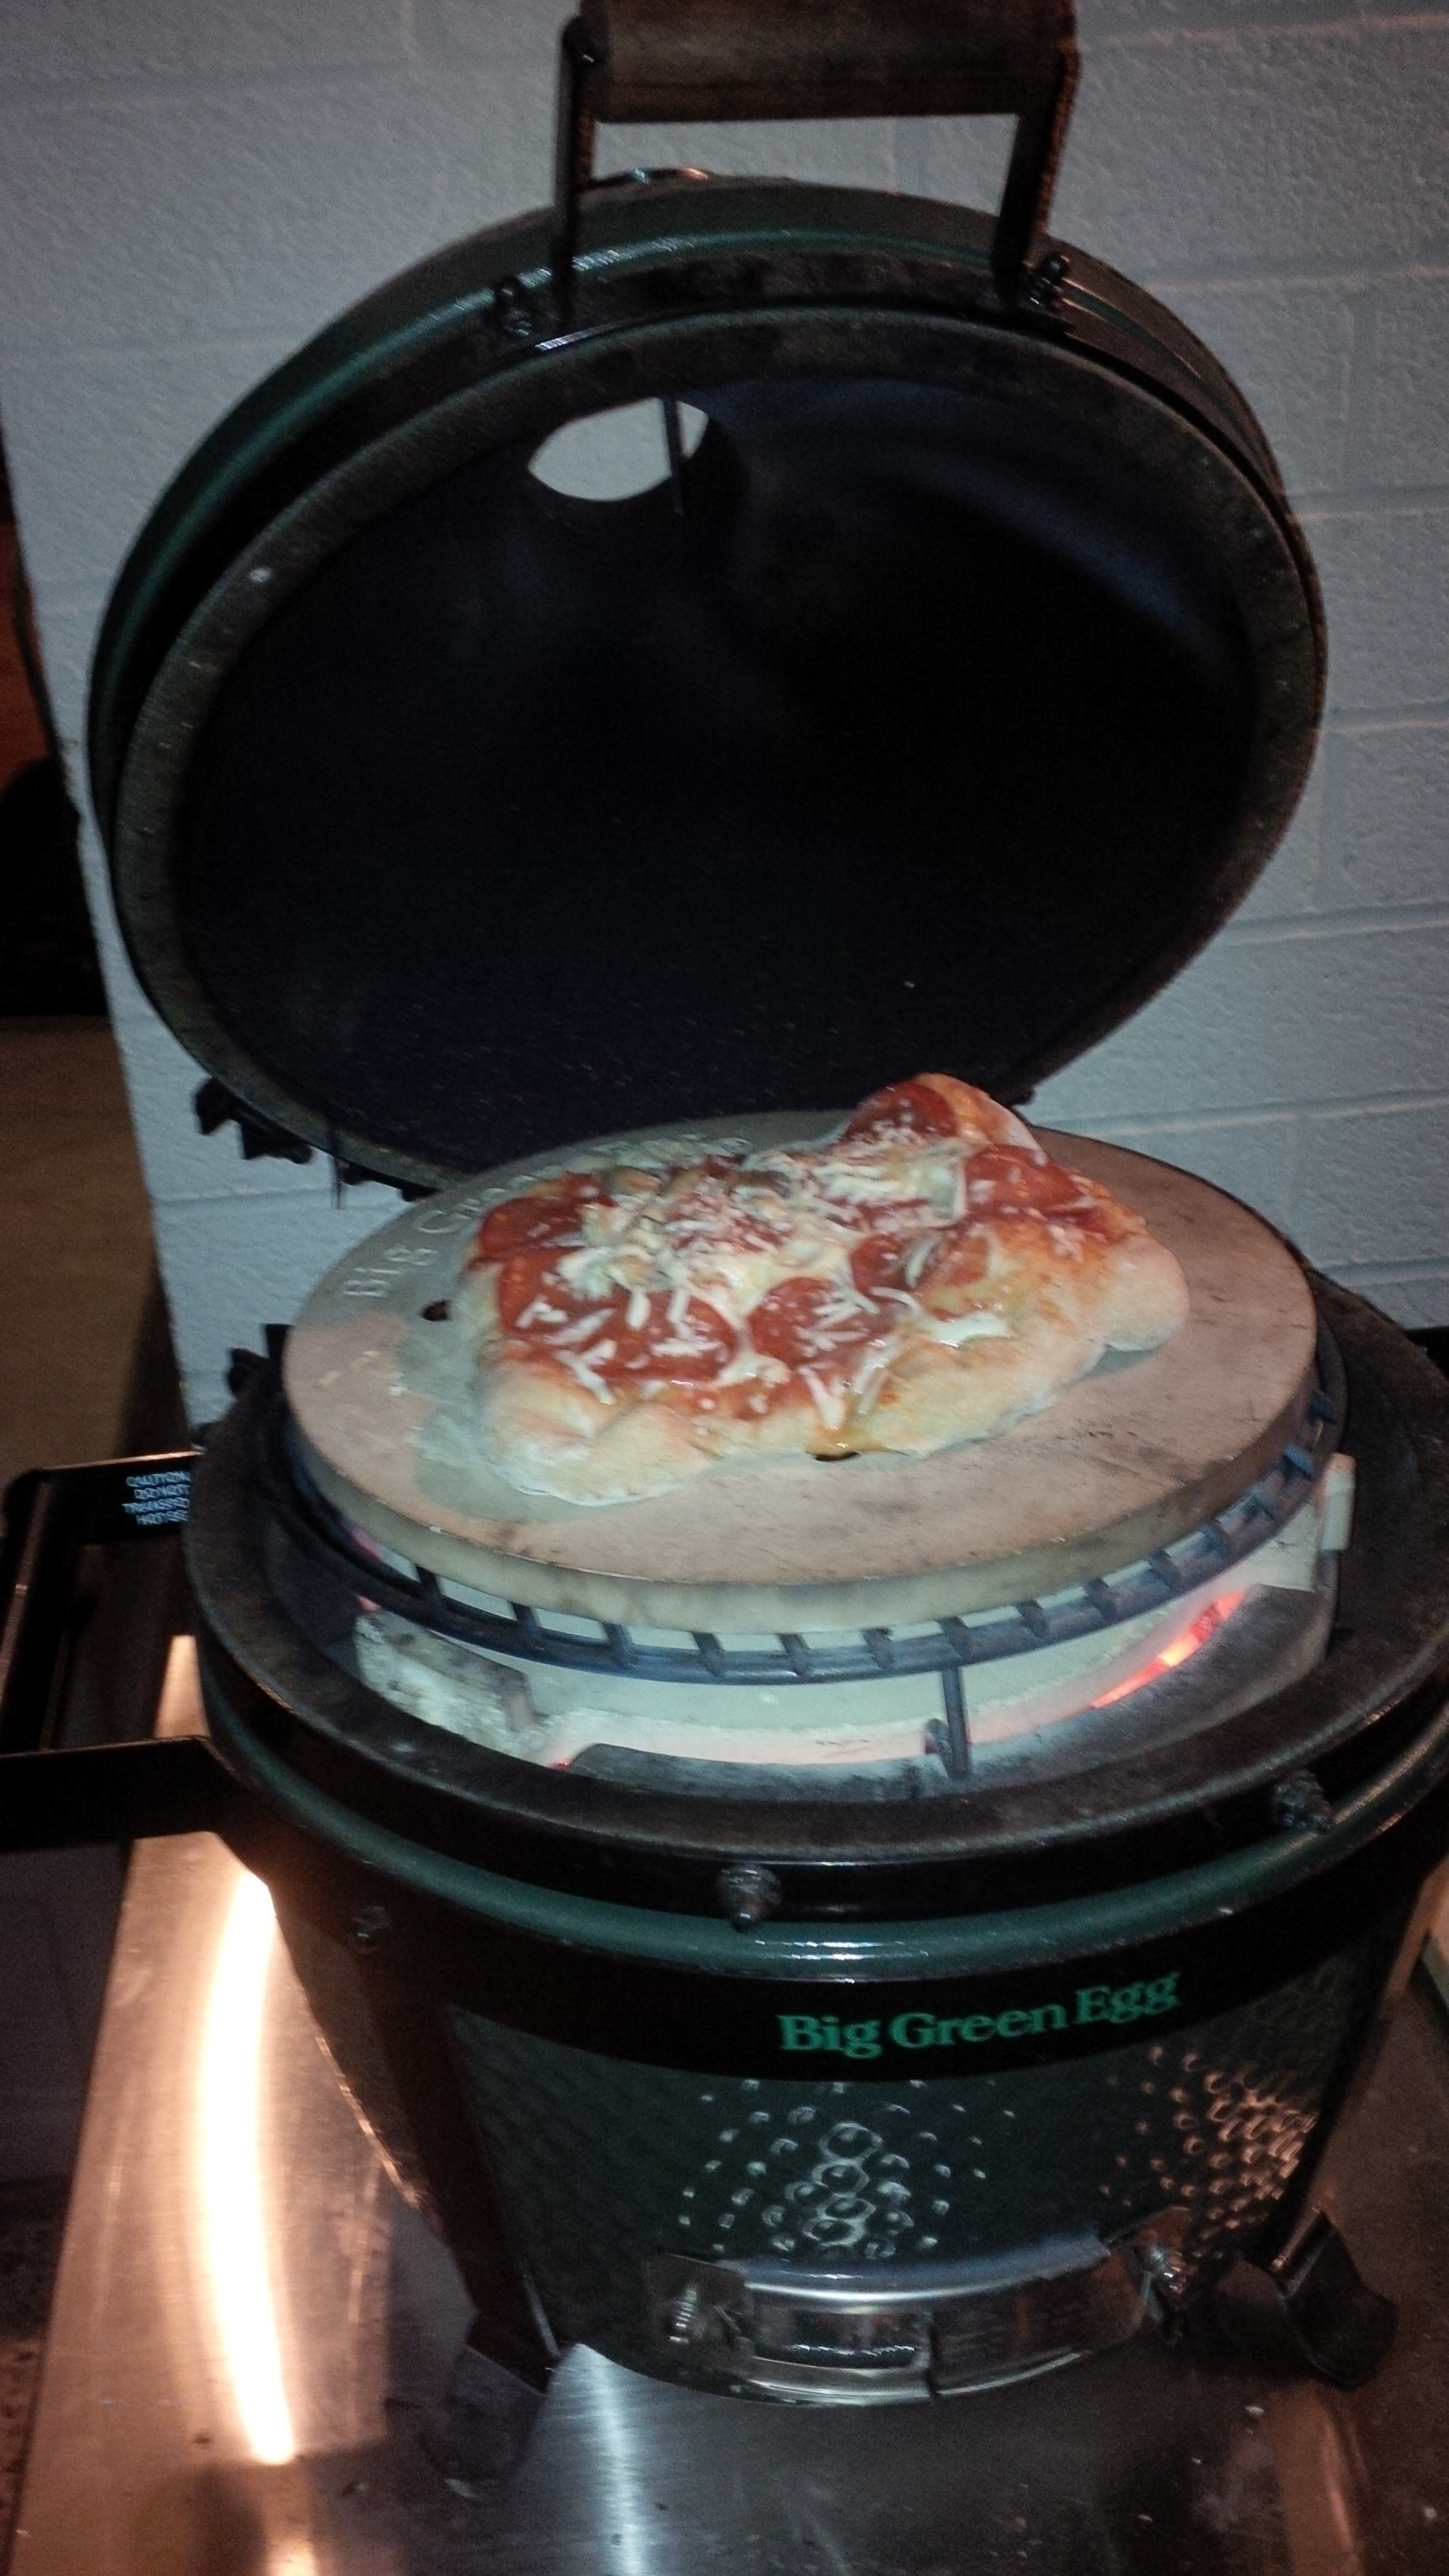 MiniMax Pizza Cook: Success! — Big Green Egg - EGGhead Forum